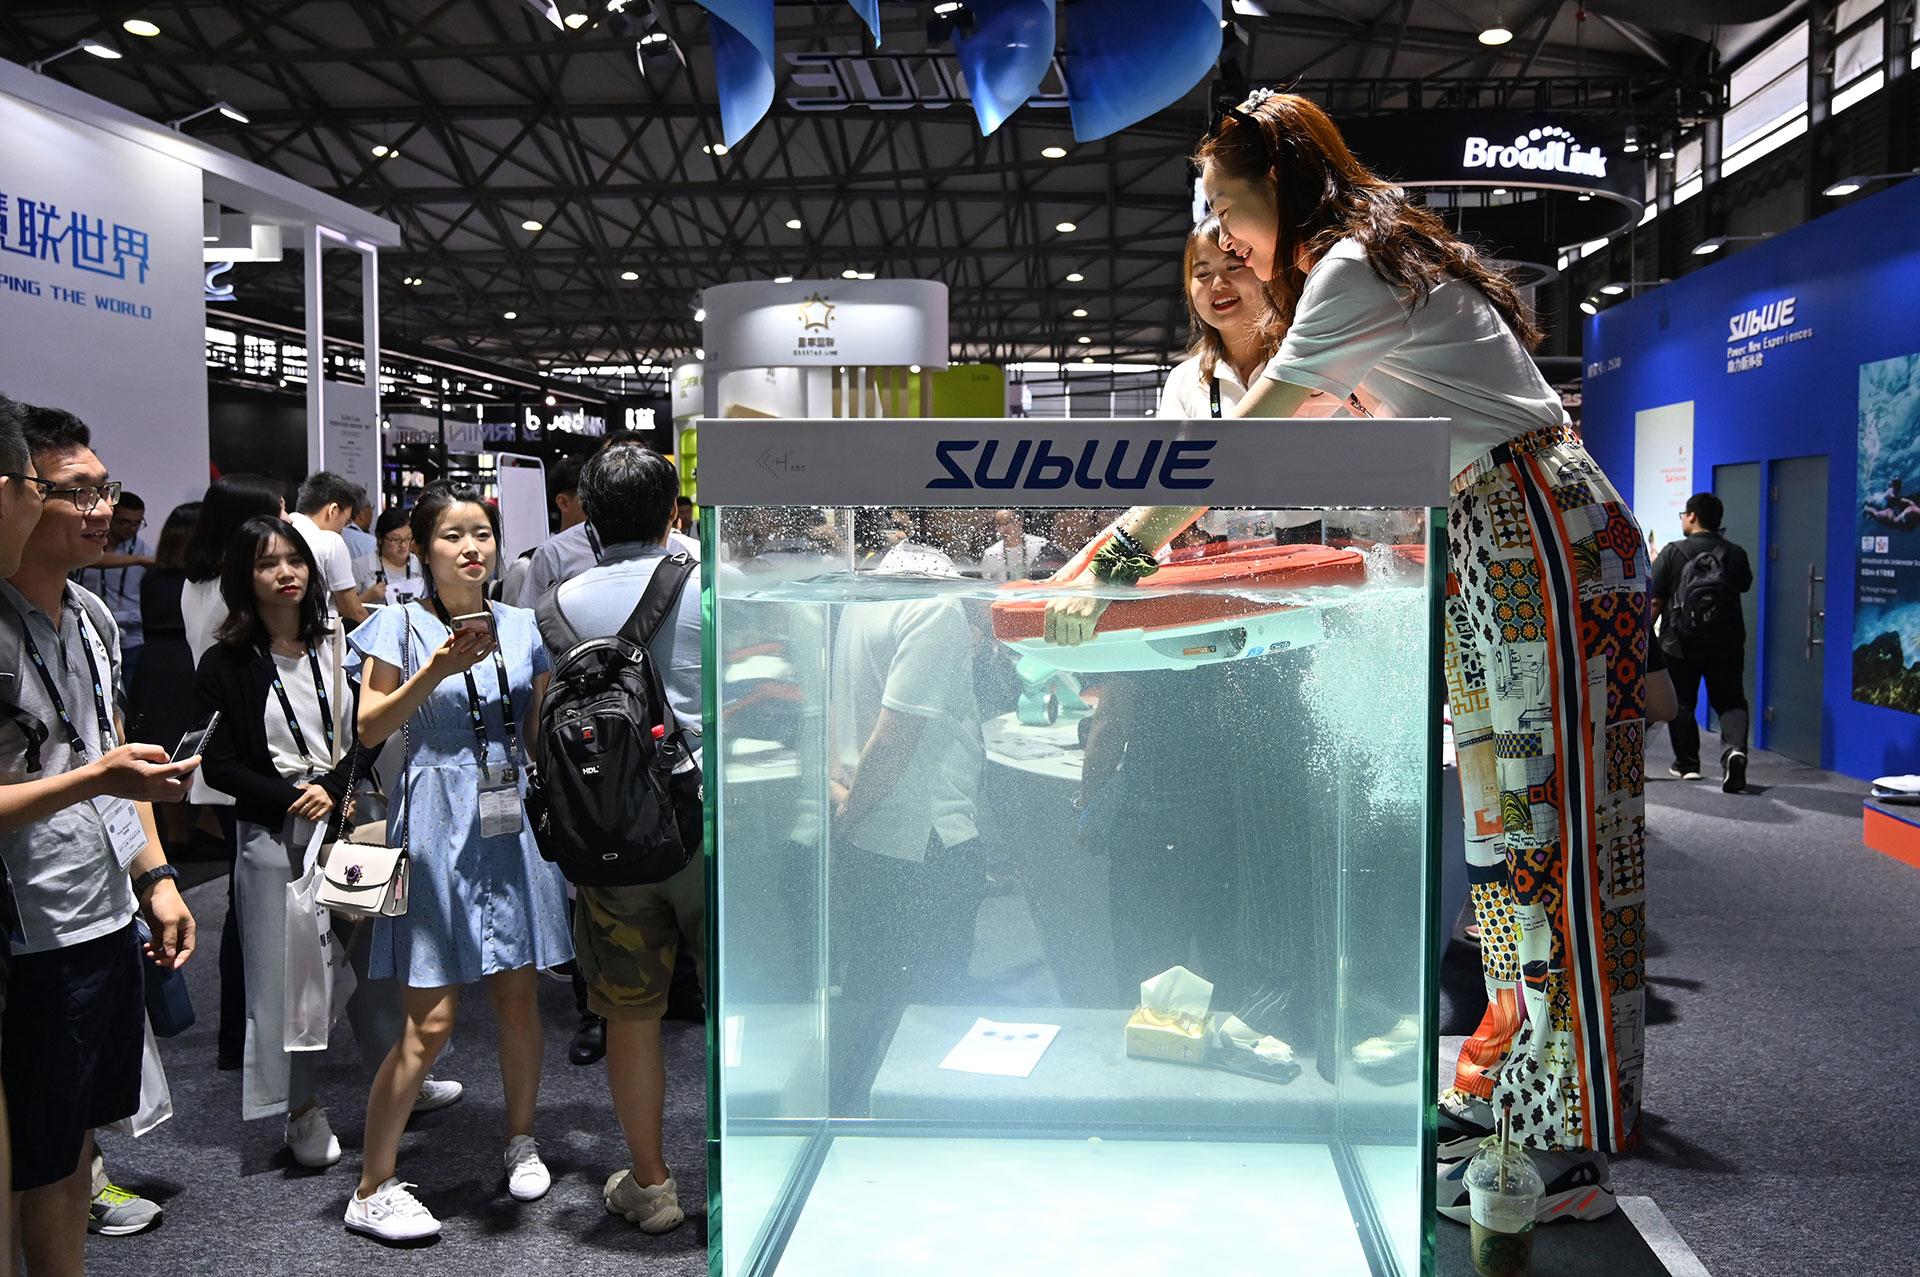 El nuevo drone Seabow de la empresa Sublue puede permanecer bajo el agua durante 45 minutos sin interrupción. (AFP)